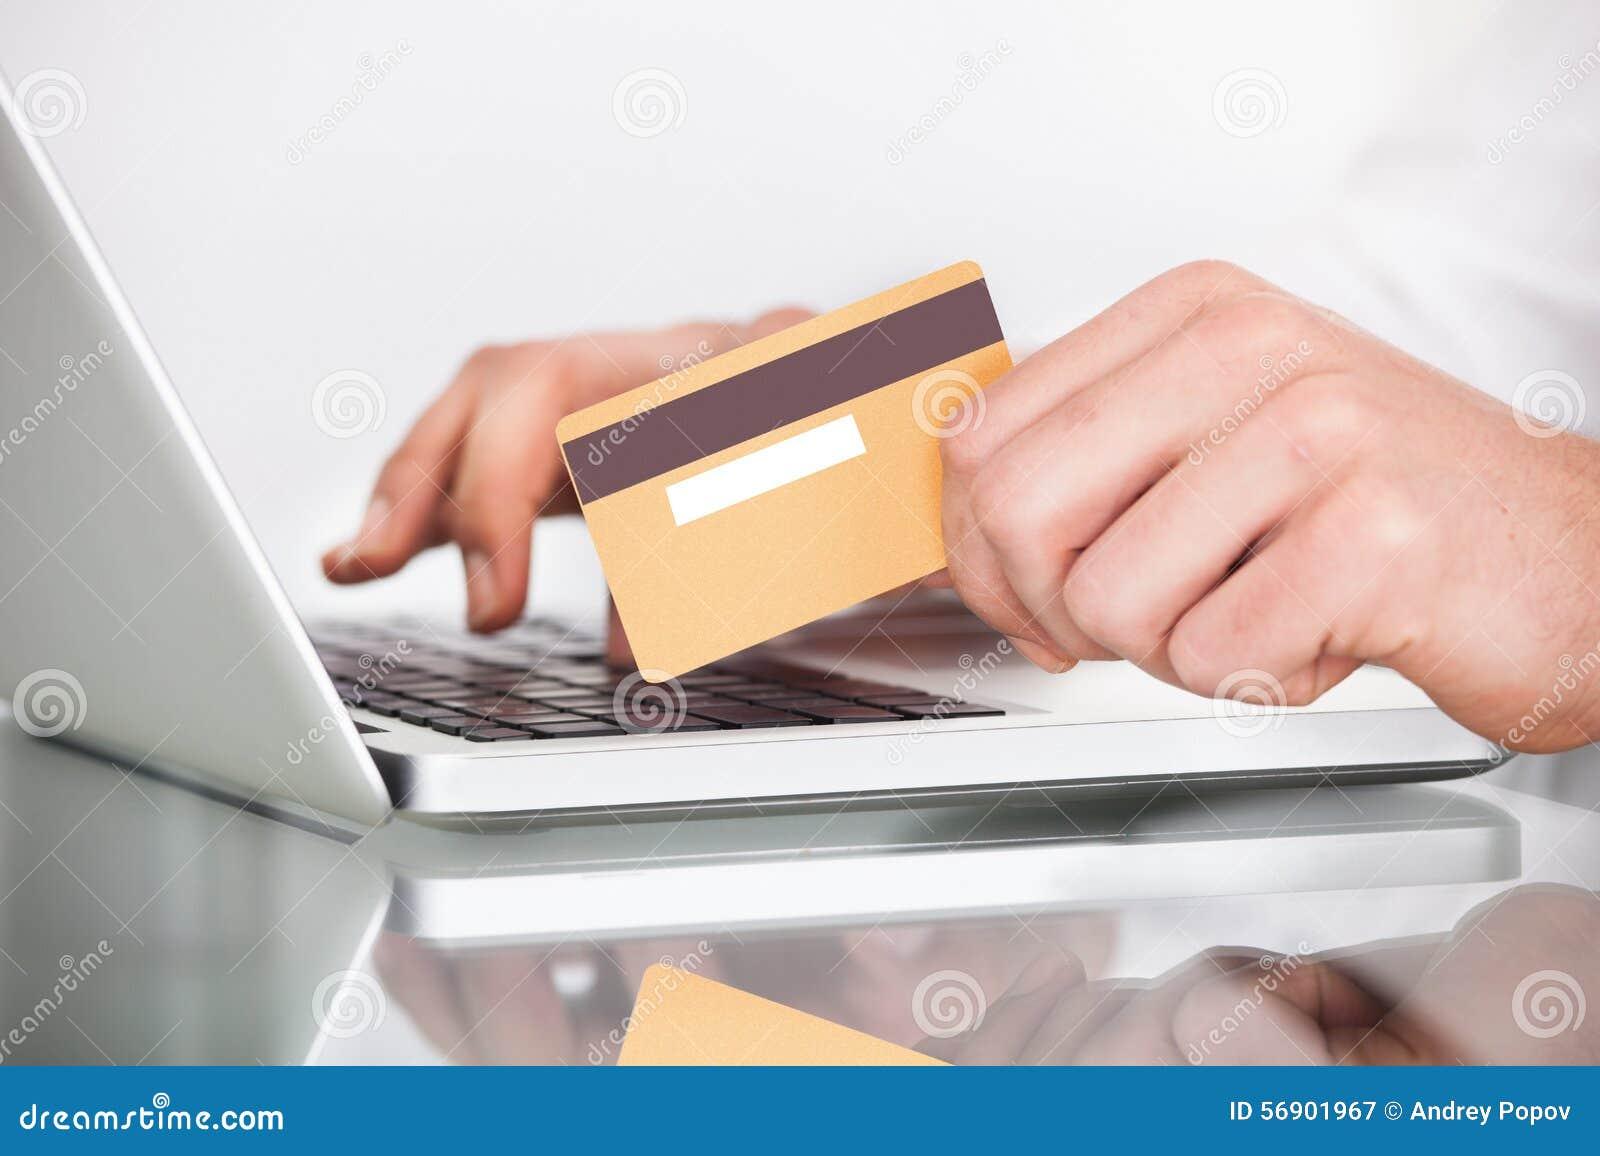 Άτομο που ψωνίζει με την πιστωτική κάρτα και το lap-top